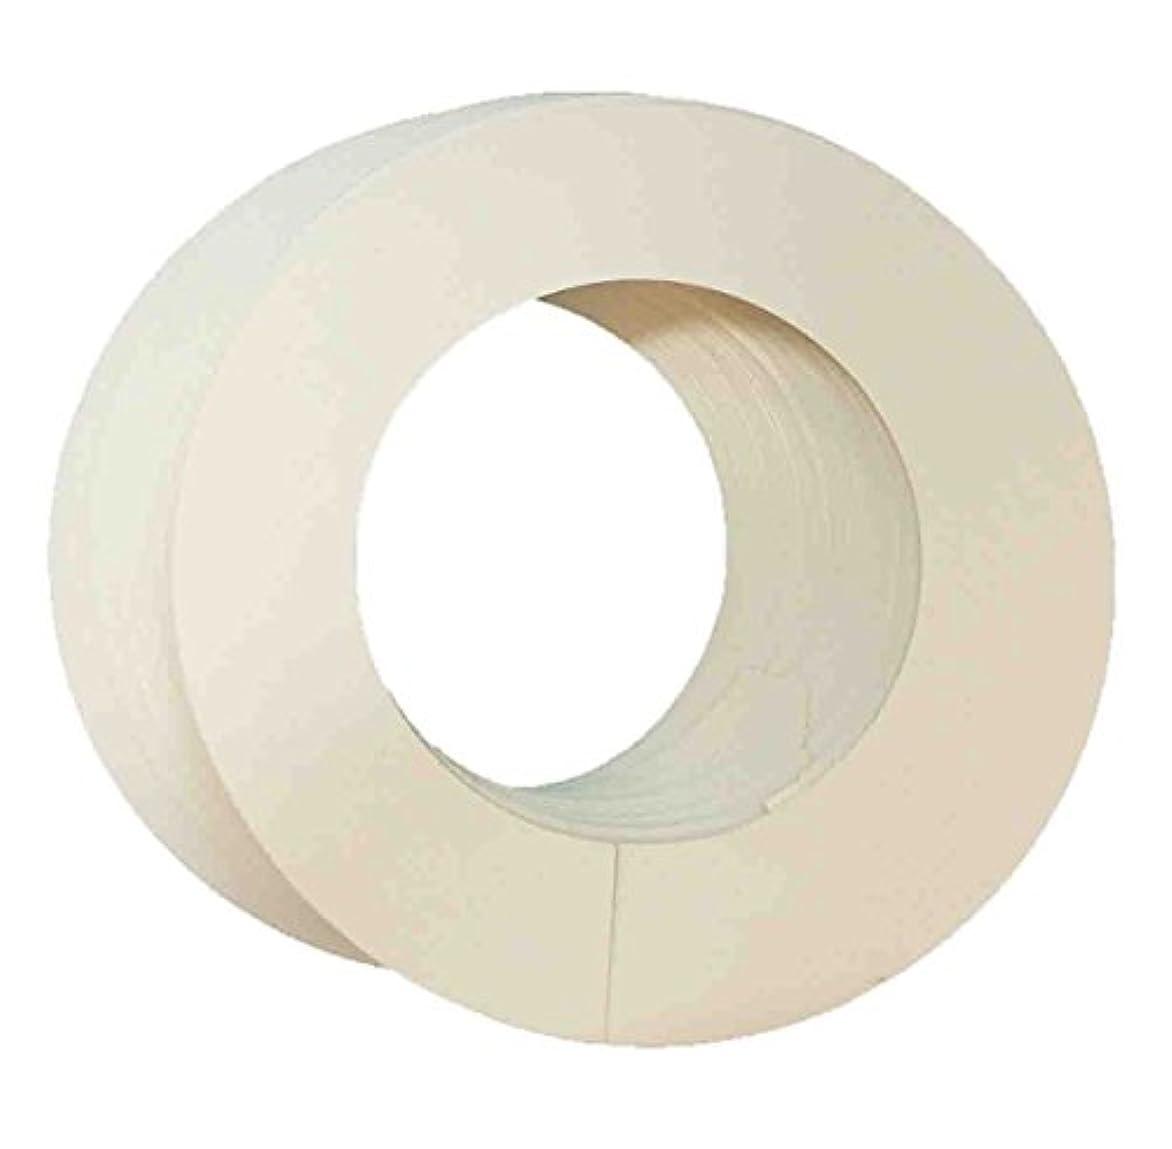 物理的になる第九カラー カーラー 直径10cm缶用 250枚(005-2) ブラジリアンワックス ワックス脱毛 ワックスウォーマー 専用